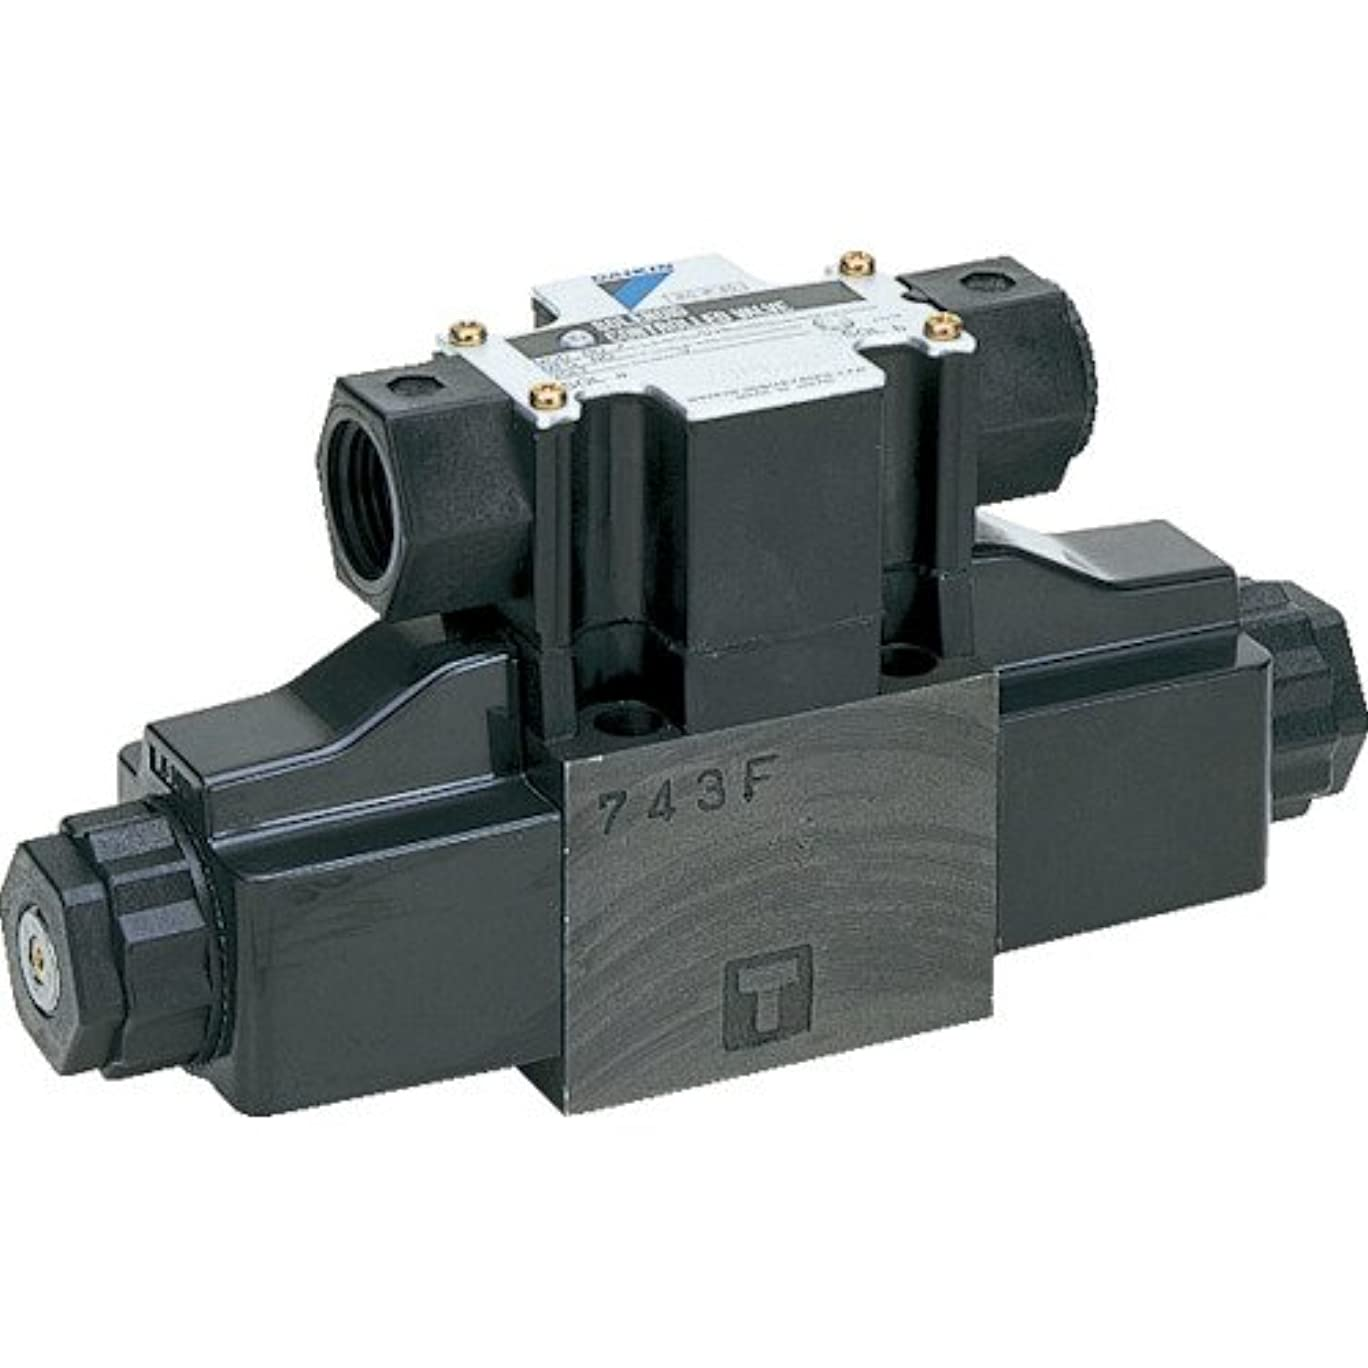 各迷路に関してダイキン ダイキン 電磁パイロット操作弁 電圧AC200V 呼び径3/8  KSO-G03-2BB-20